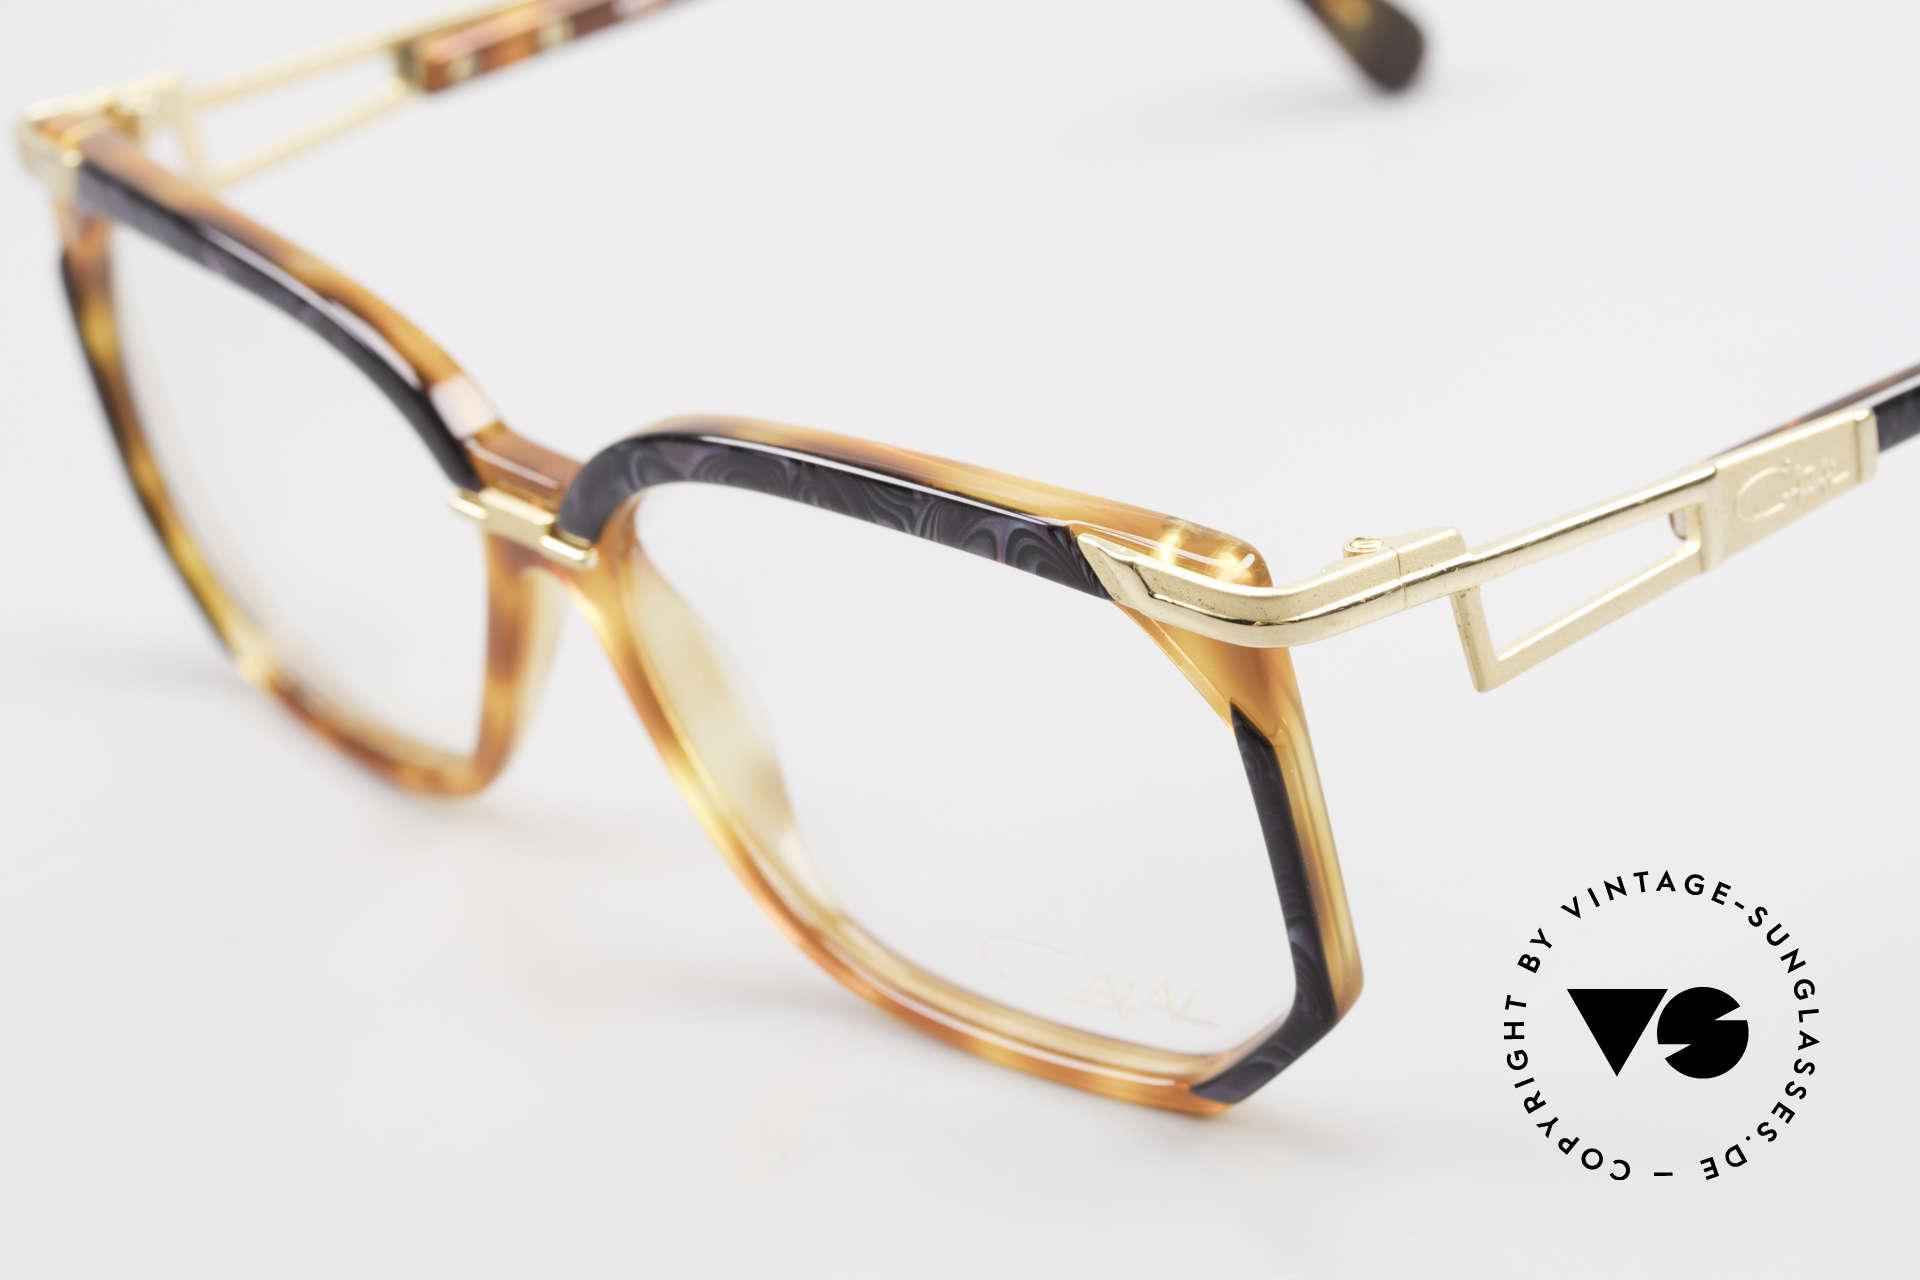 Cazal 333 Echt Vintage HipHop Brille 90s, ungetragen (wie alle unsere Cazal vintage Brillen), Passend für Herren und Damen